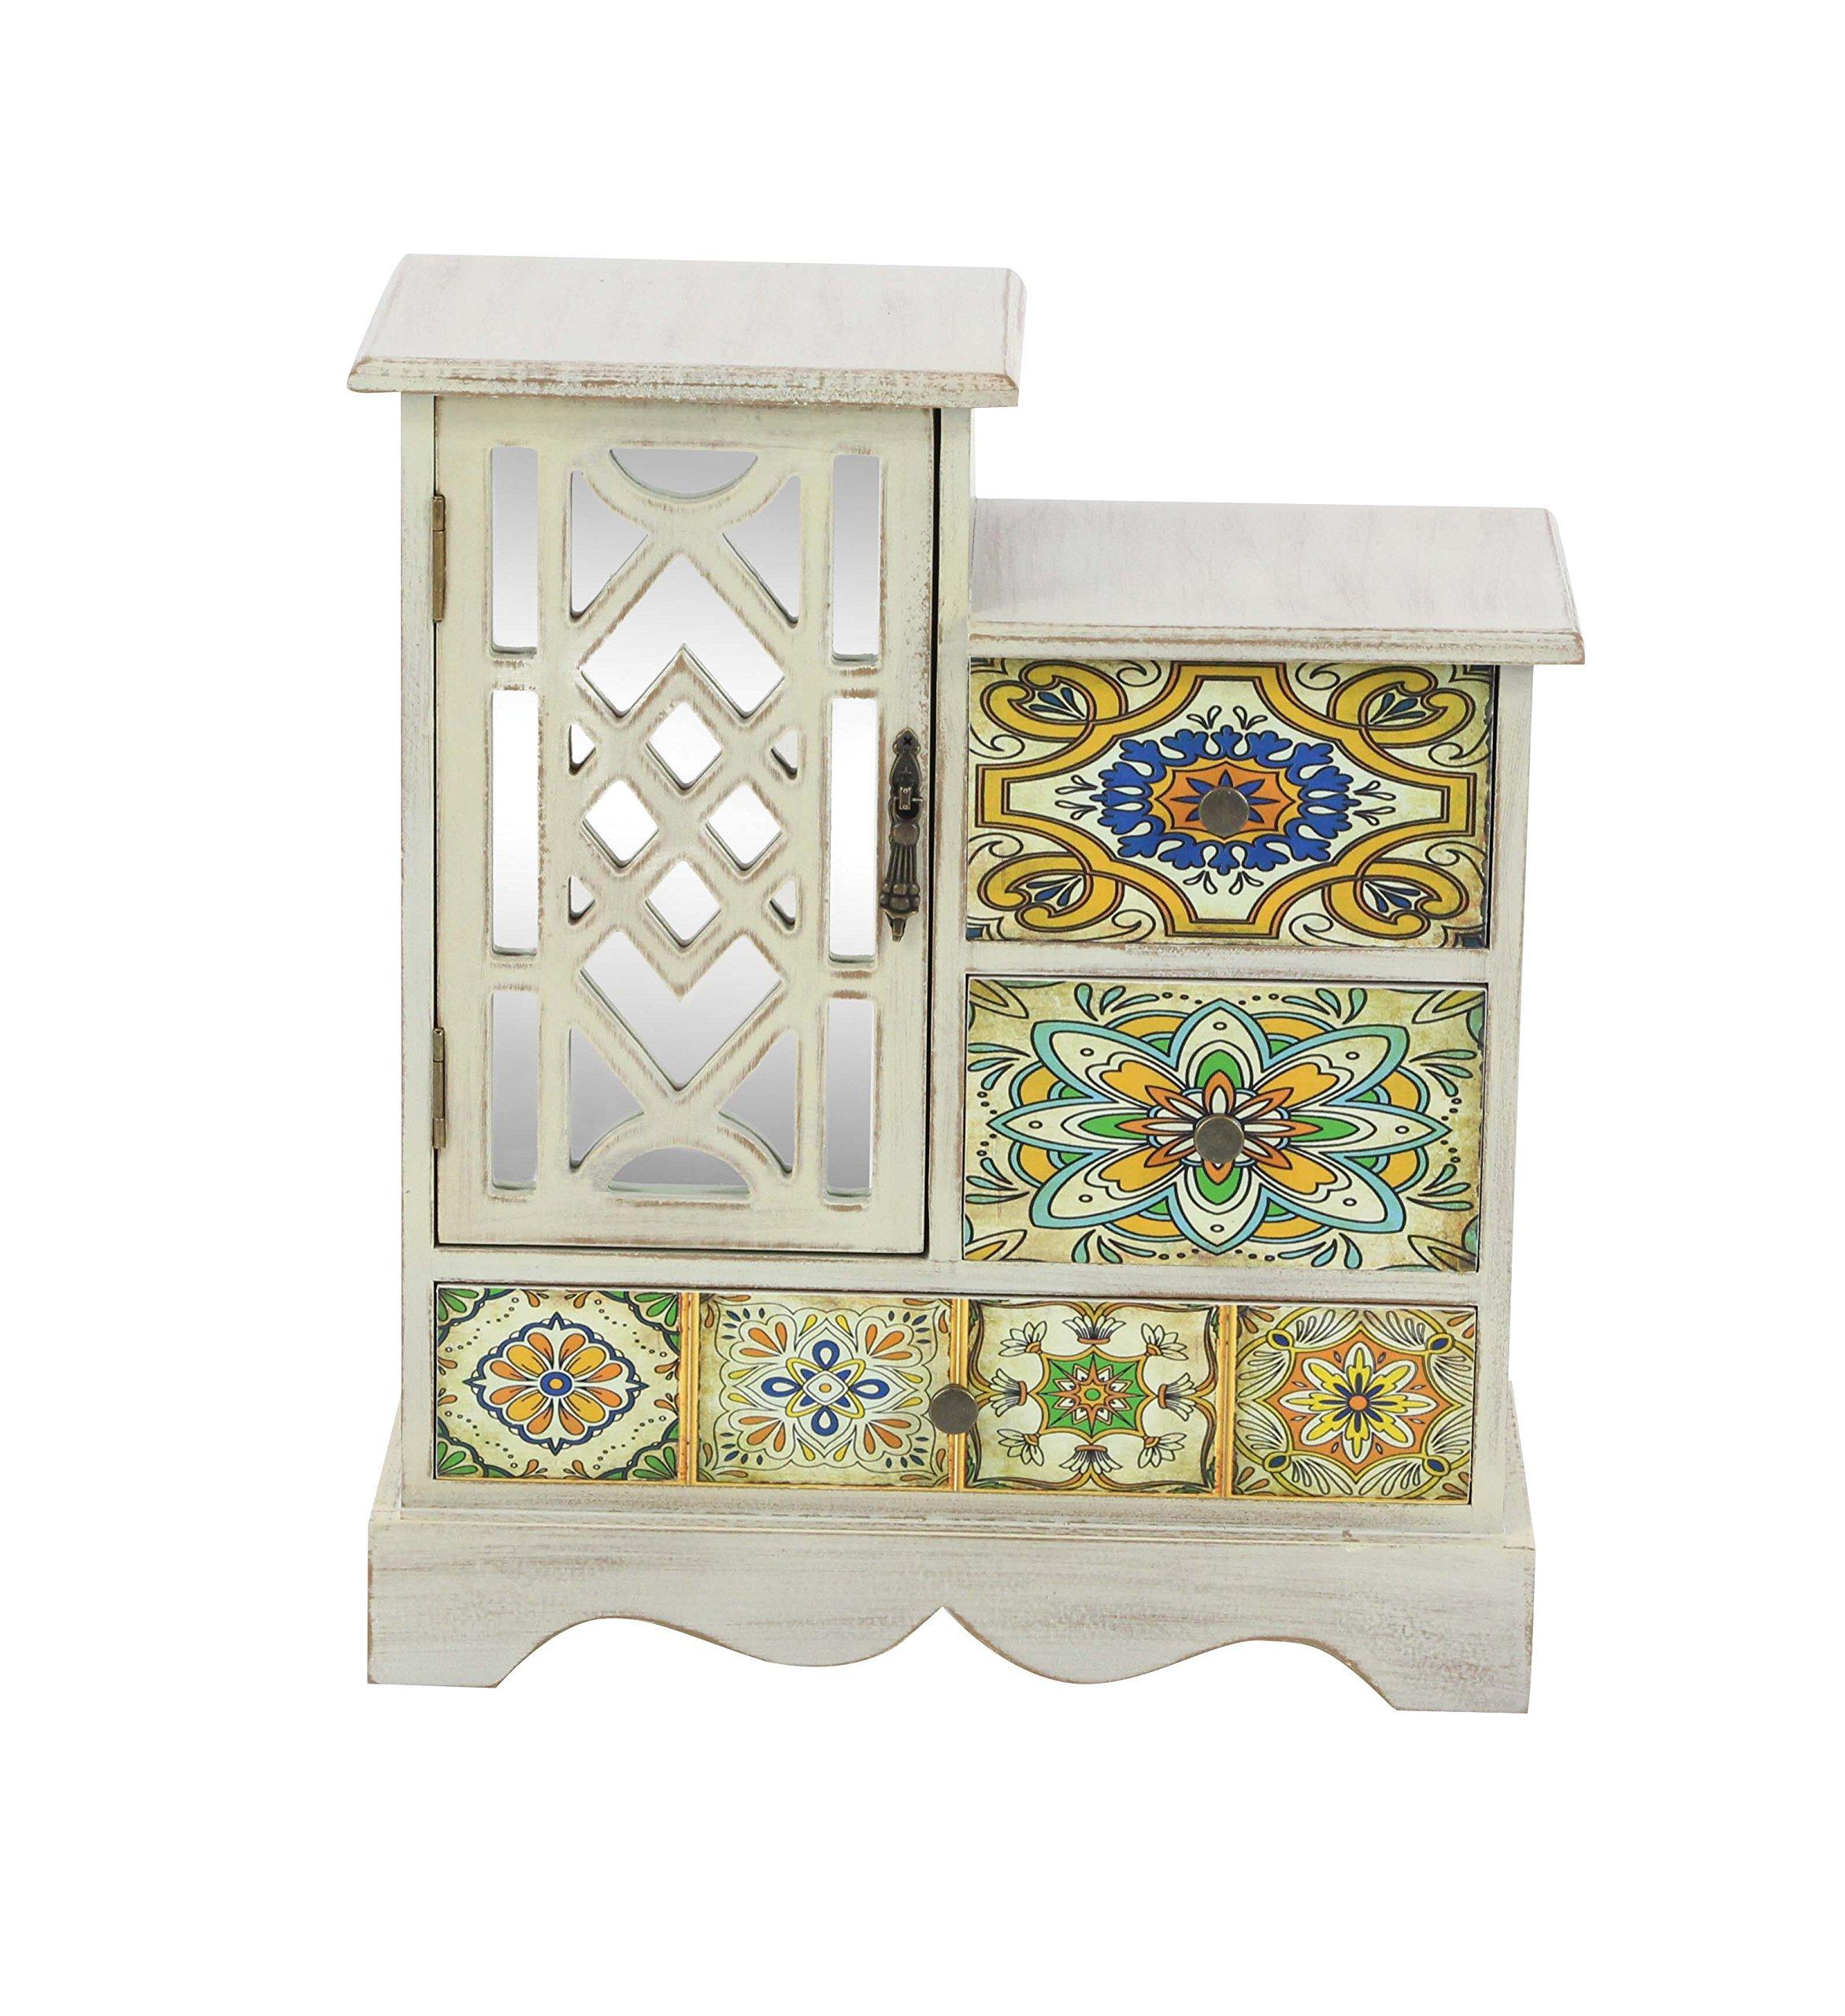 Deco 79 56699 Wooden Jewelry Chest, 15'' x 13'', White/Multi-Color/Black